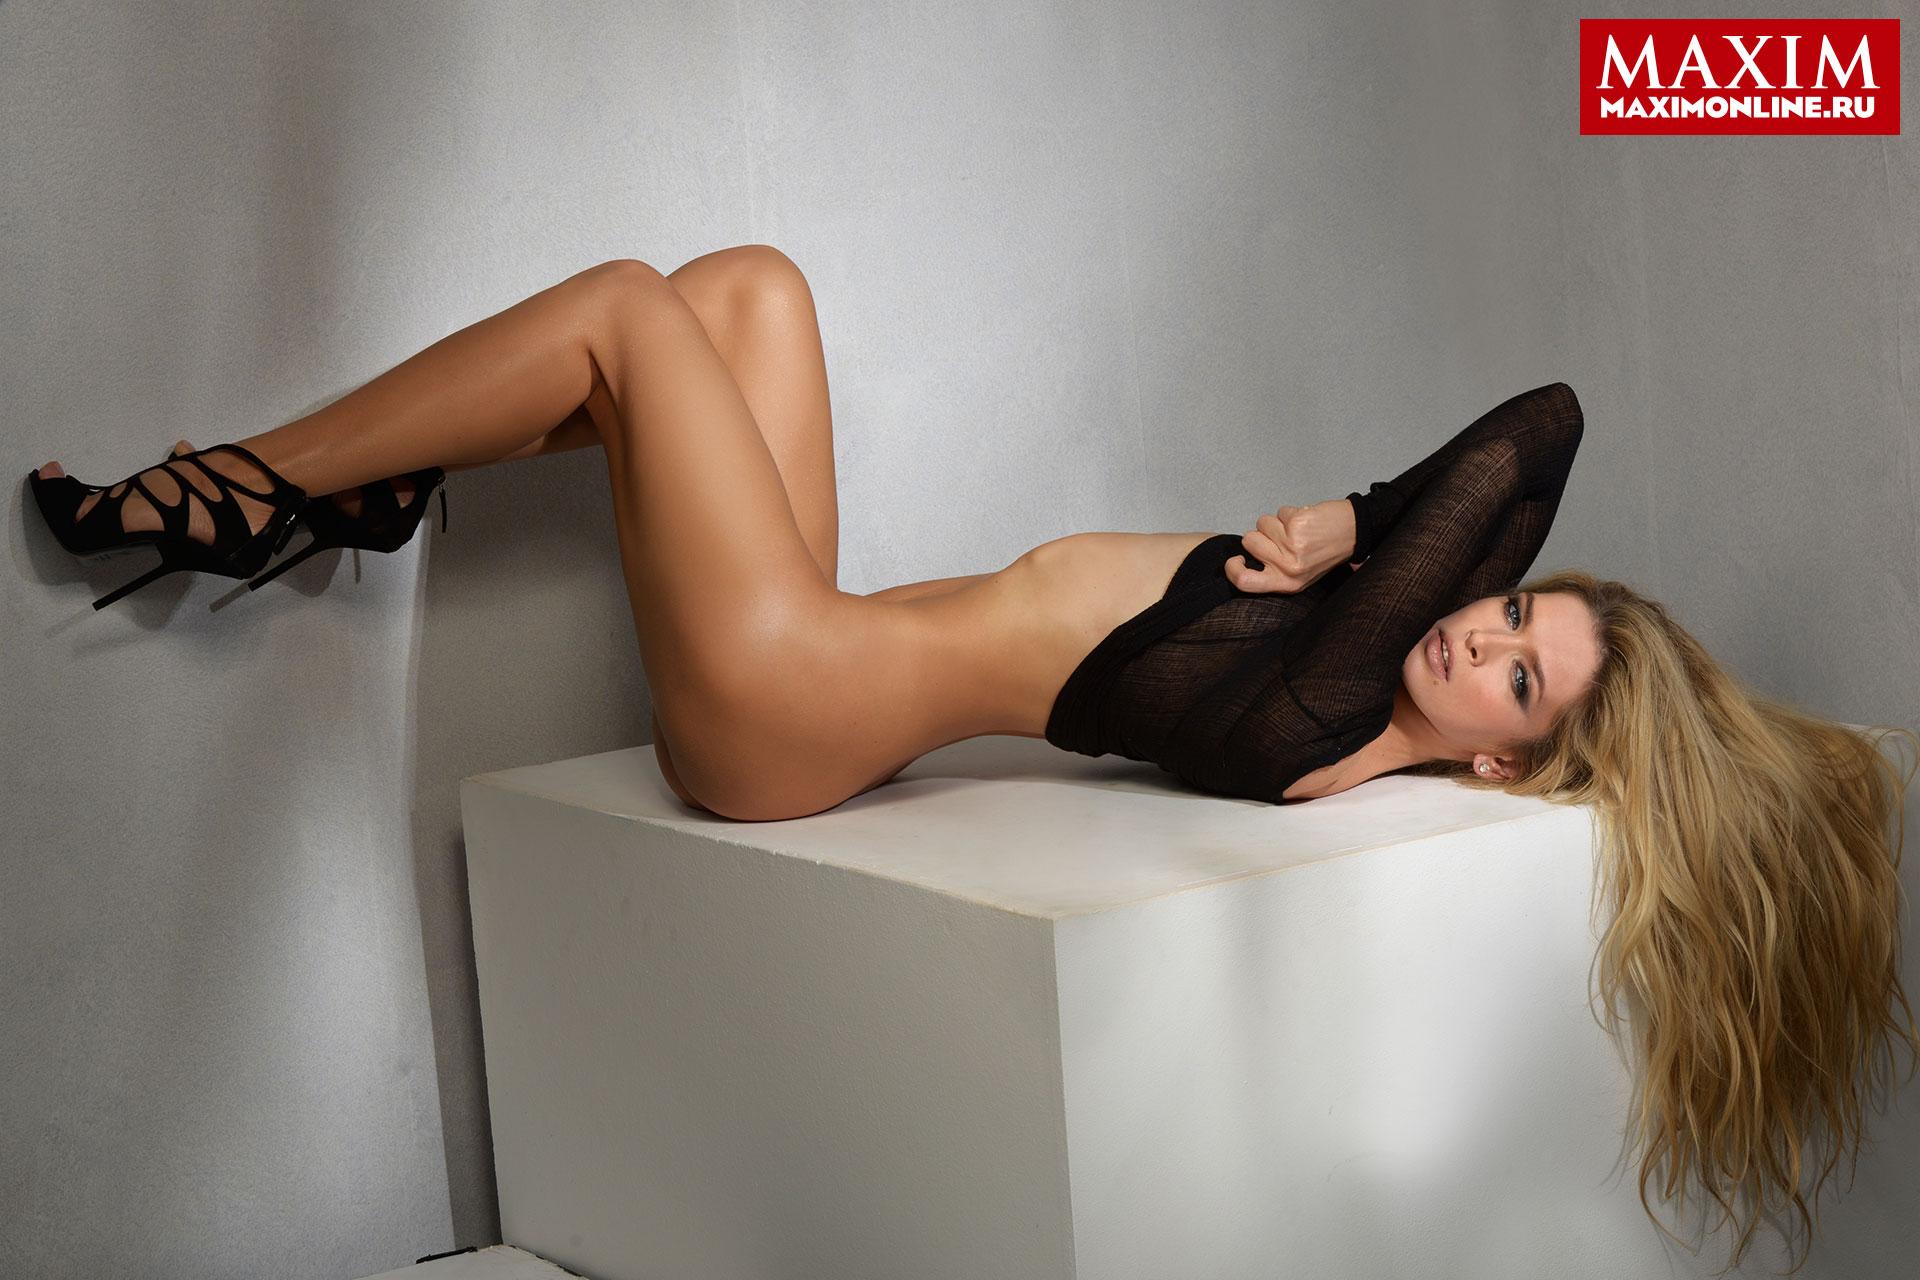 Смотреть женские половые органы российских певиц актрис телеведущих 27 фотография